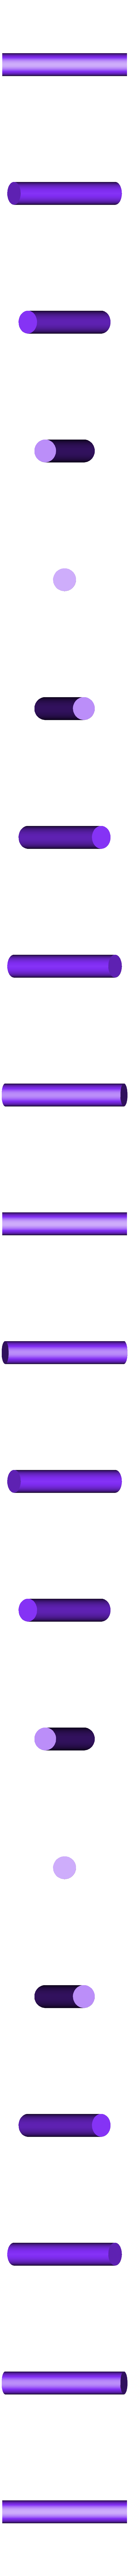 Crack_Axel.stl Télécharger fichier STL gratuit Transmission entre trois arbres (SANS VITESSES) • Design pour impression 3D, 3DED